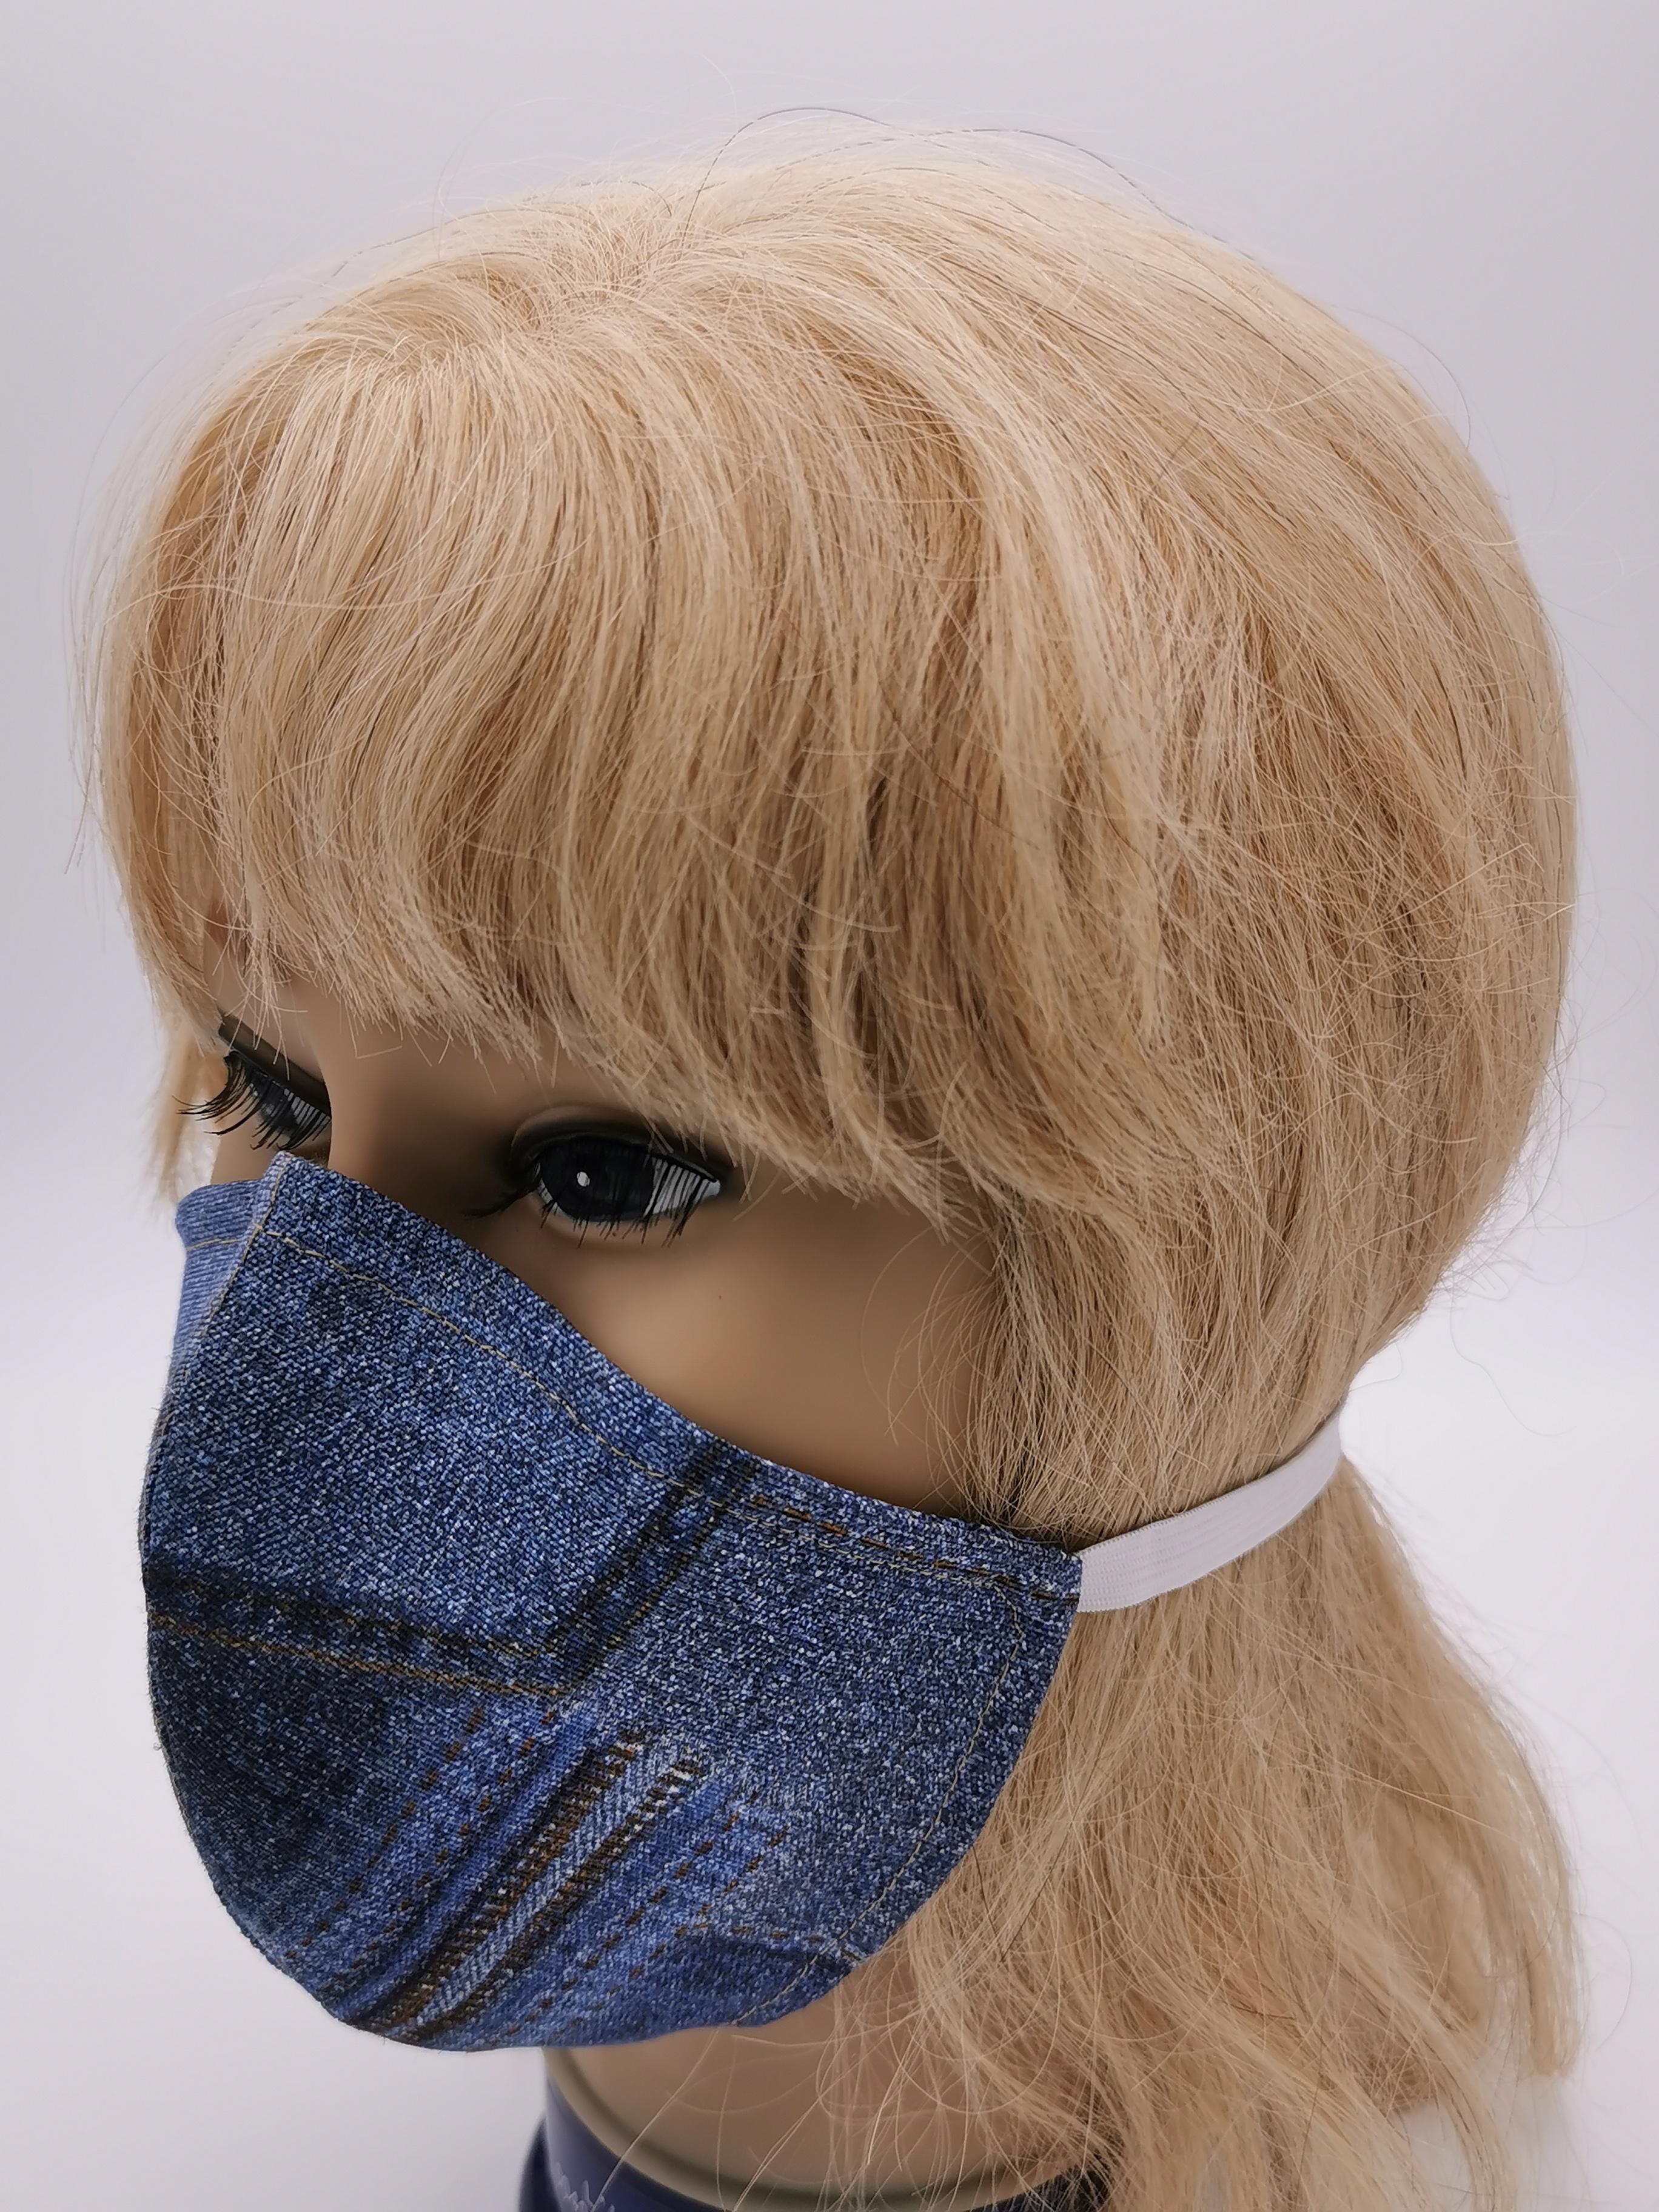 Mund-Maske Behelfsmaske im Jeans Style, Hand-Made von Alzsteg-Alpakas